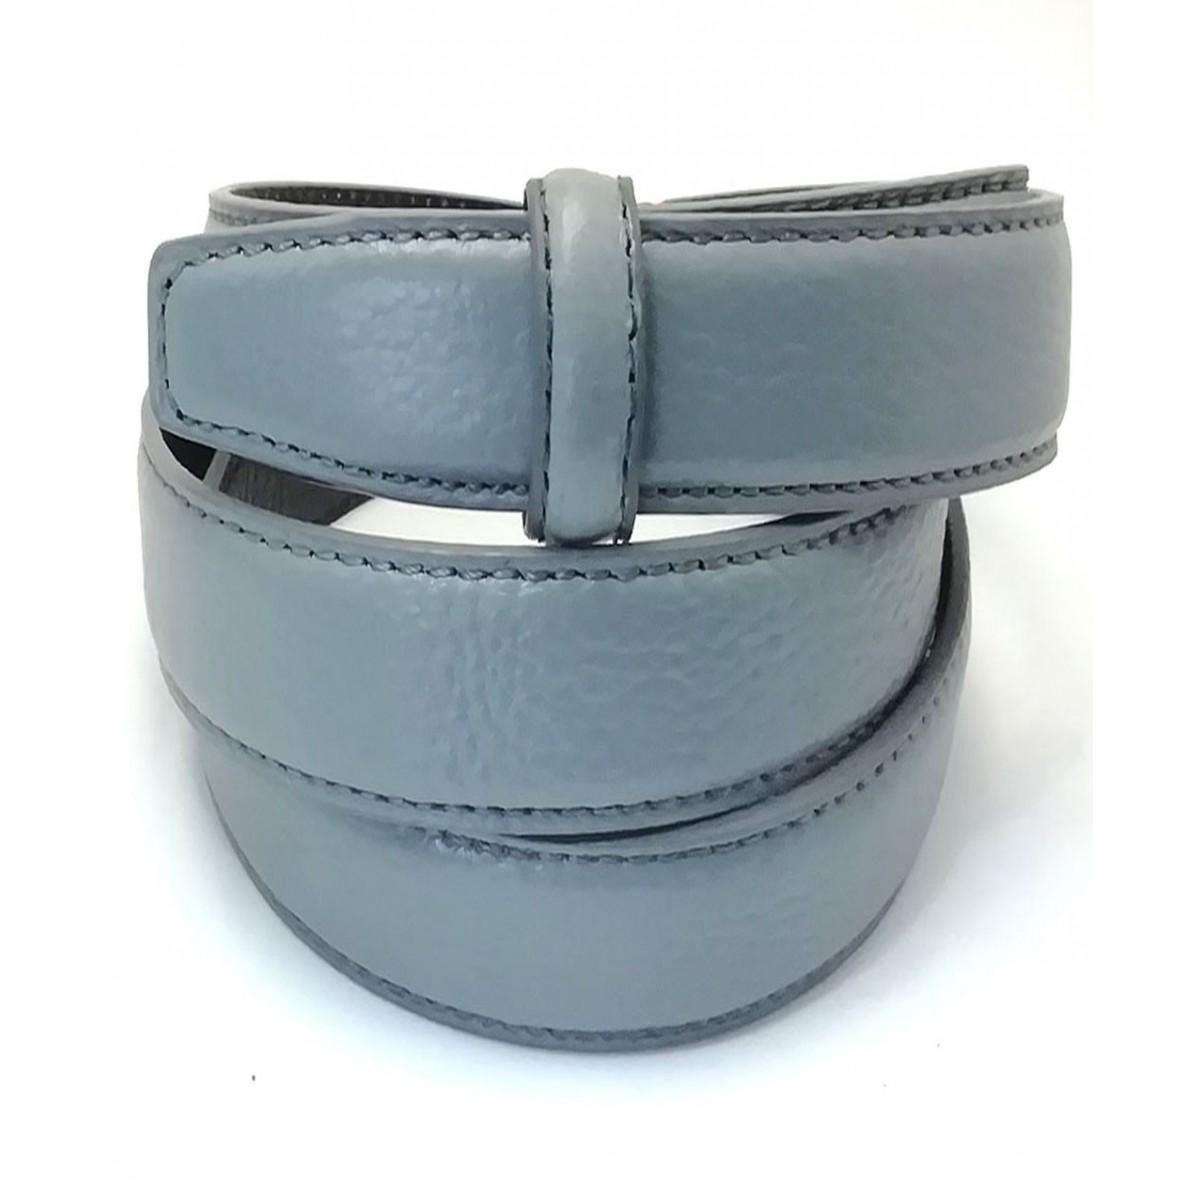 Lanière à crémaillère cuir Lady pleine fleur grise finition Luxe pour ceinture à boucle automatique